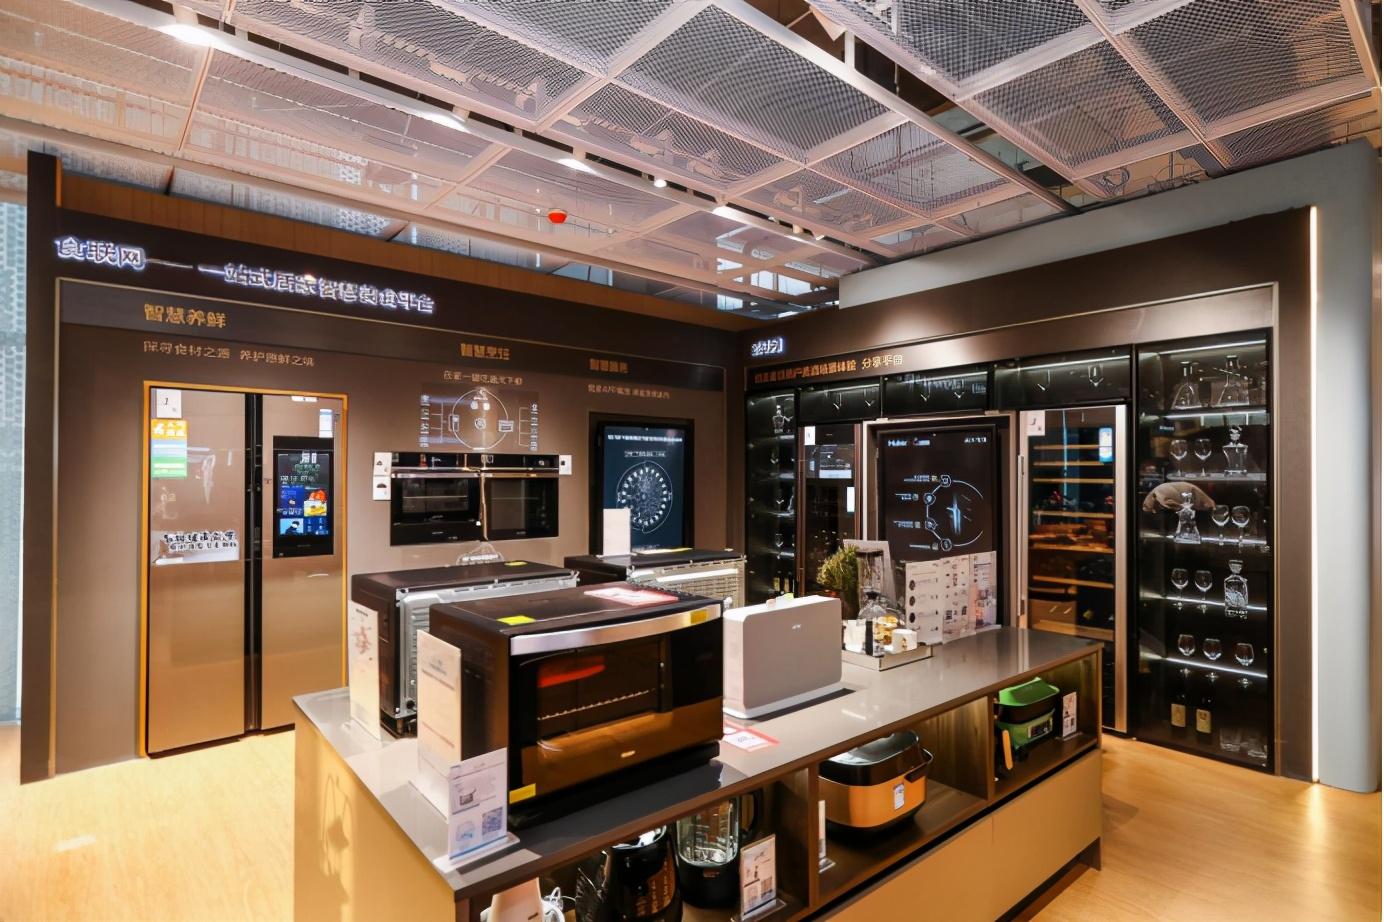 年夜饭咋安排?全国设计师已经在三翼鸟<a href=http://www.qhea.com/chuwei/ target=_blank class=infotextkey>厨房</a>吃上了